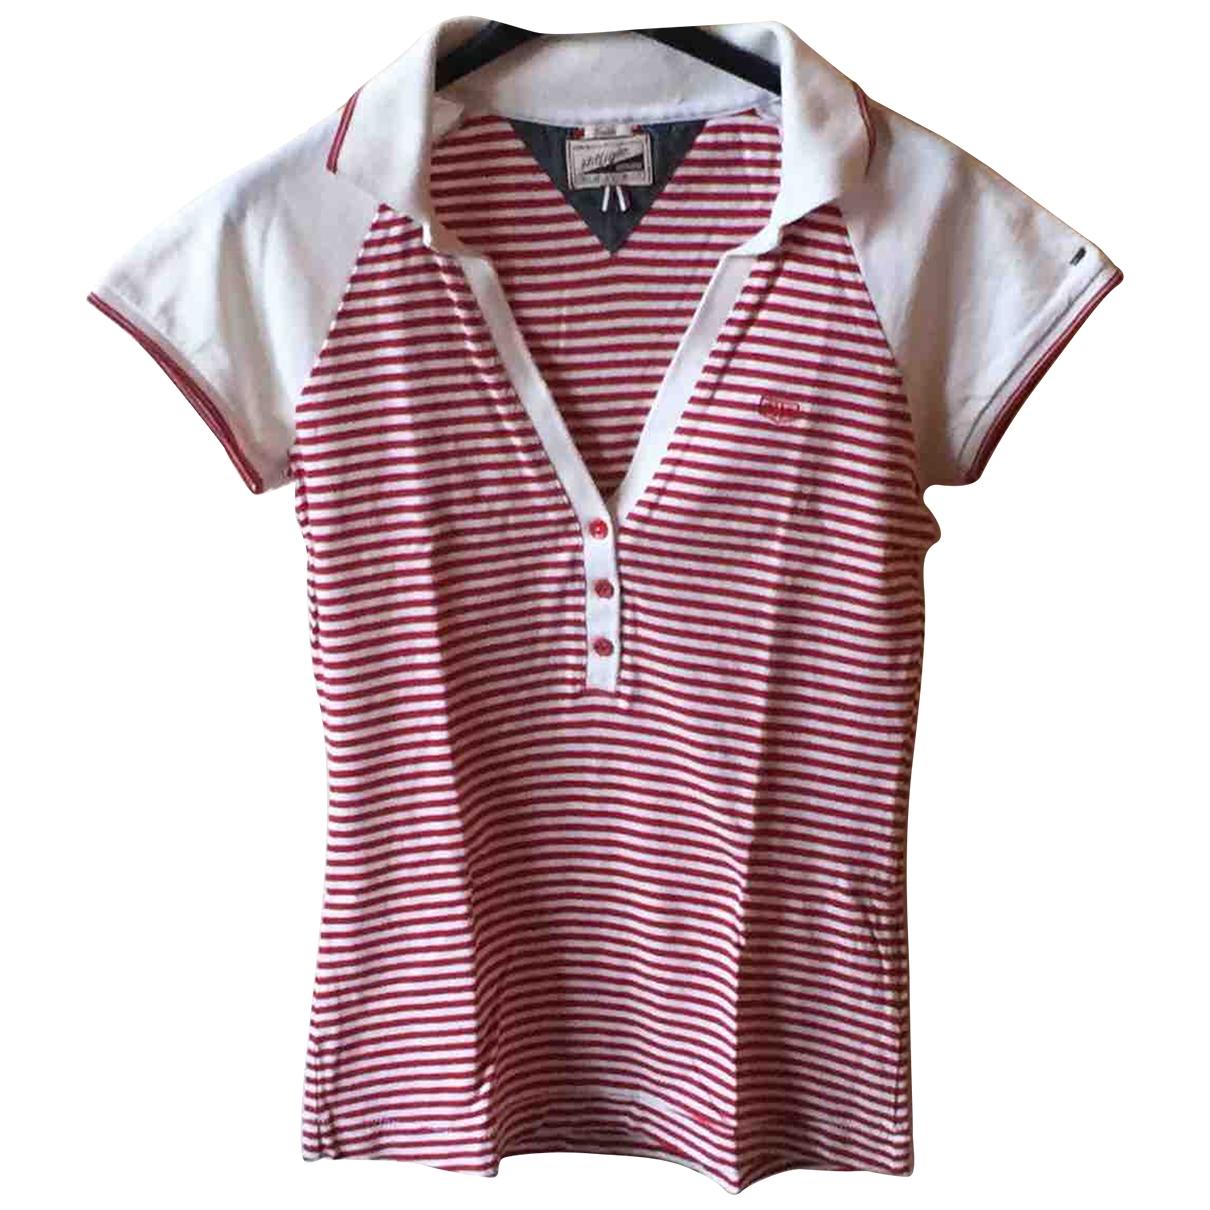 Tommy Hilfiger \N Cotton Knitwear for Women S International